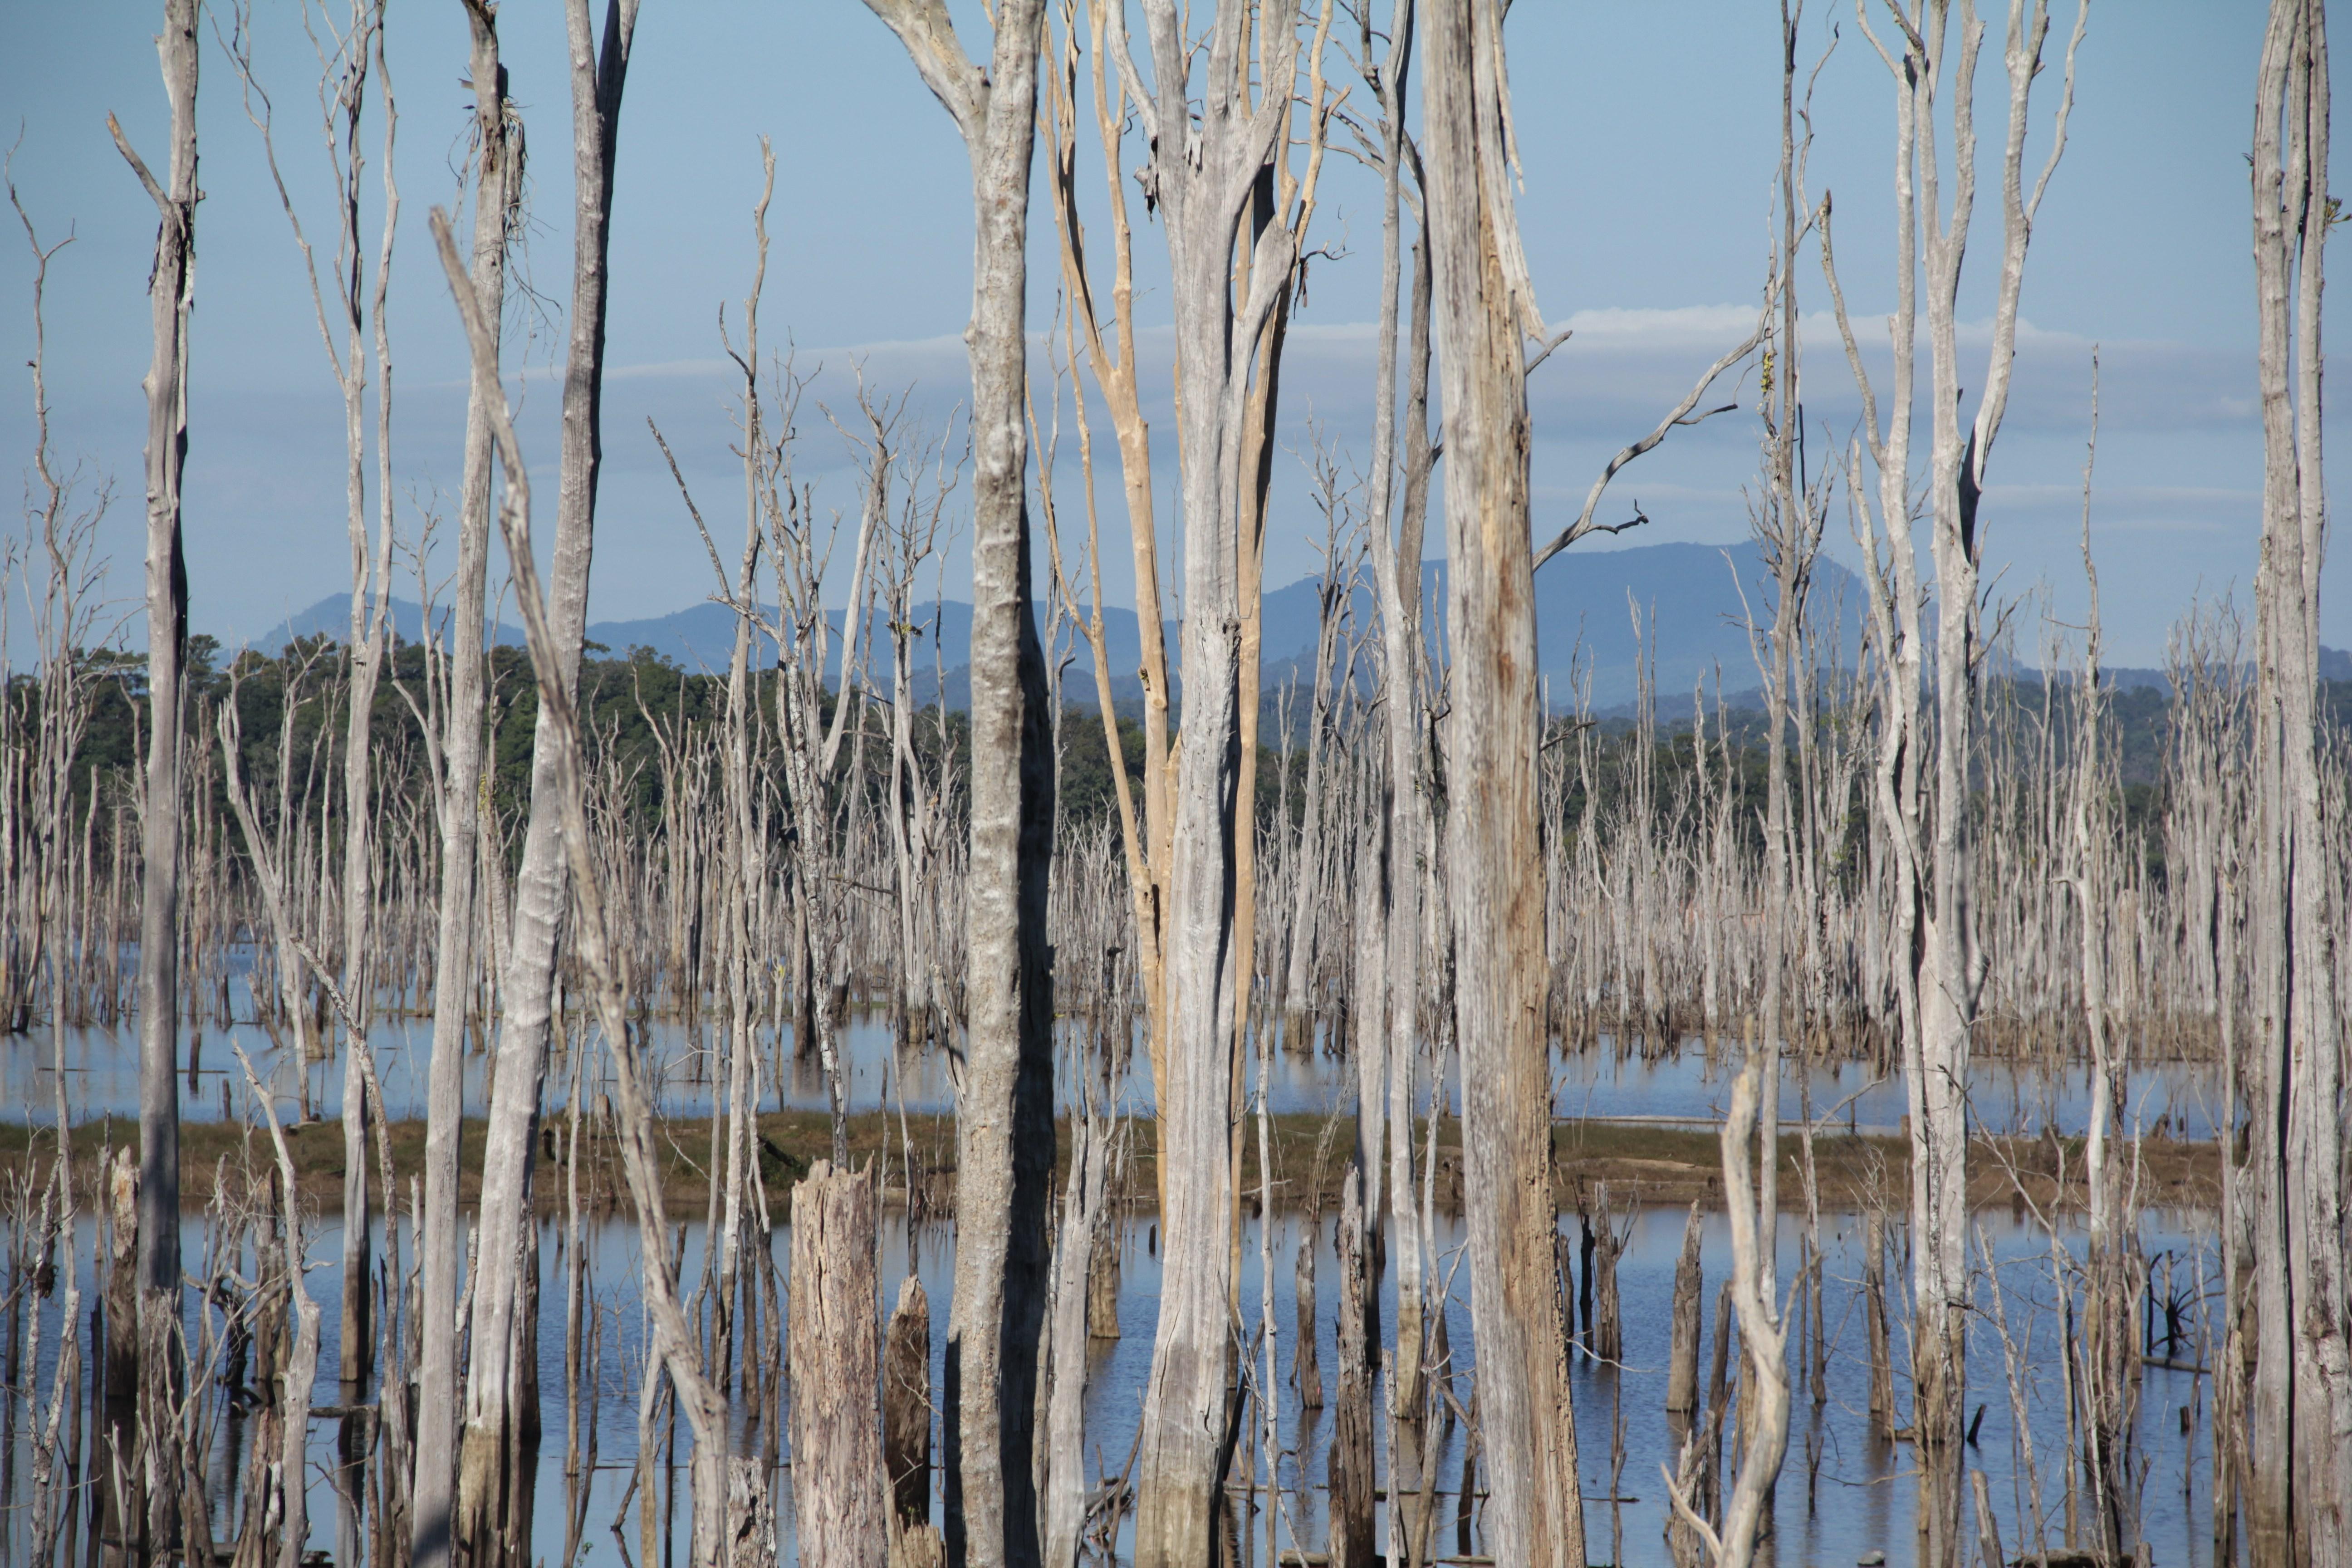 Le paysage parfois chaotique est ici composé de centaine d'arbres morts dans un lac artificiel (© Aurélie Bacheley).